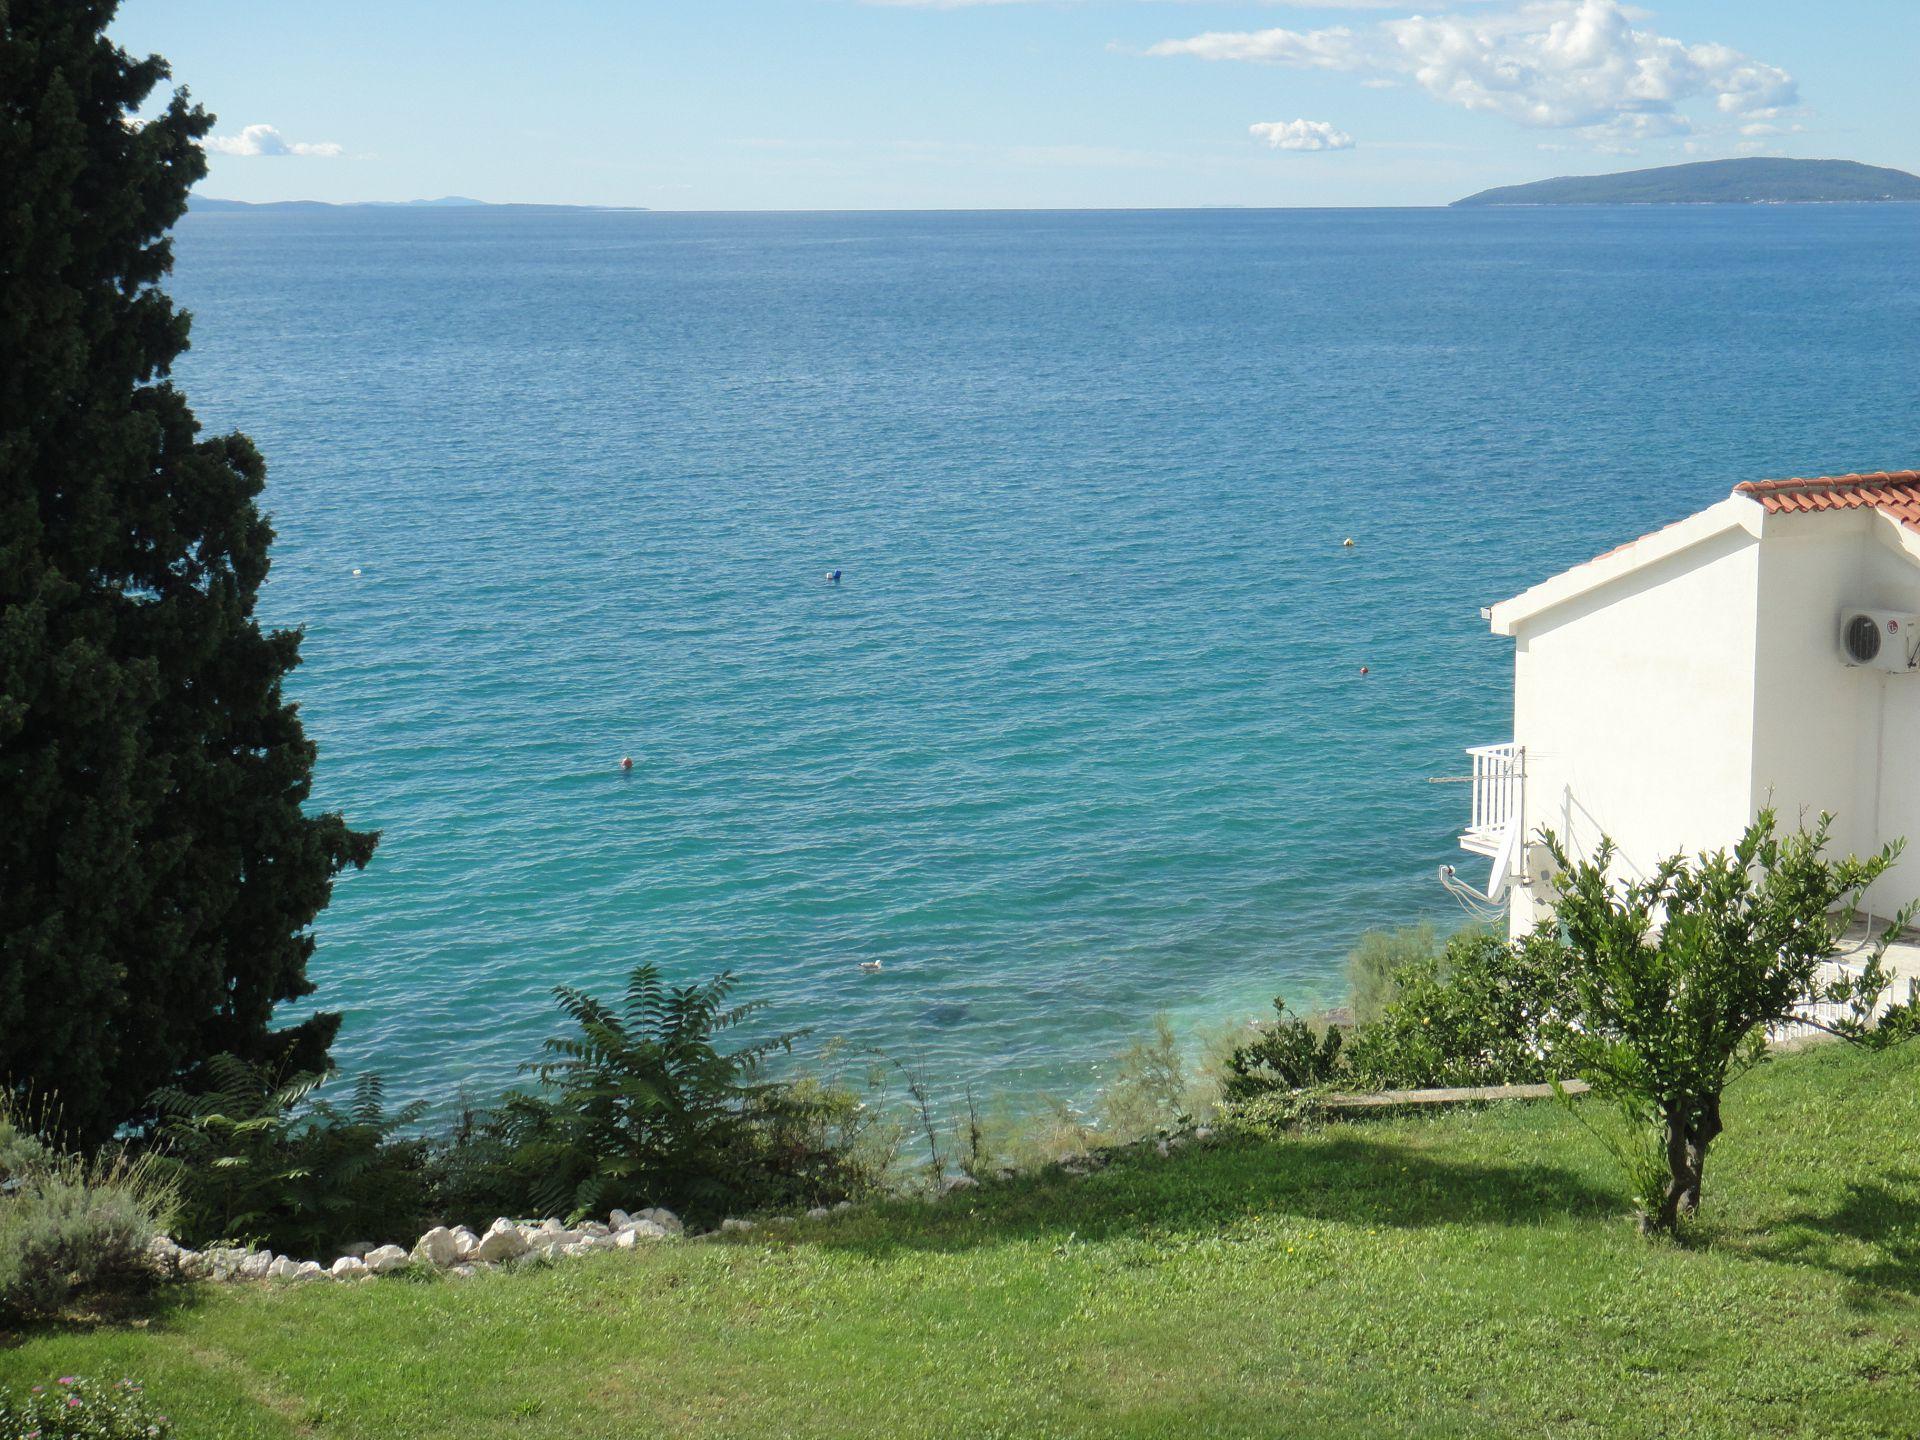 Ferienwohnung 5147  A4 Somina(2+2) - Brist (739134), Podaca, , Dalmatien, Kroatien, Bild 5